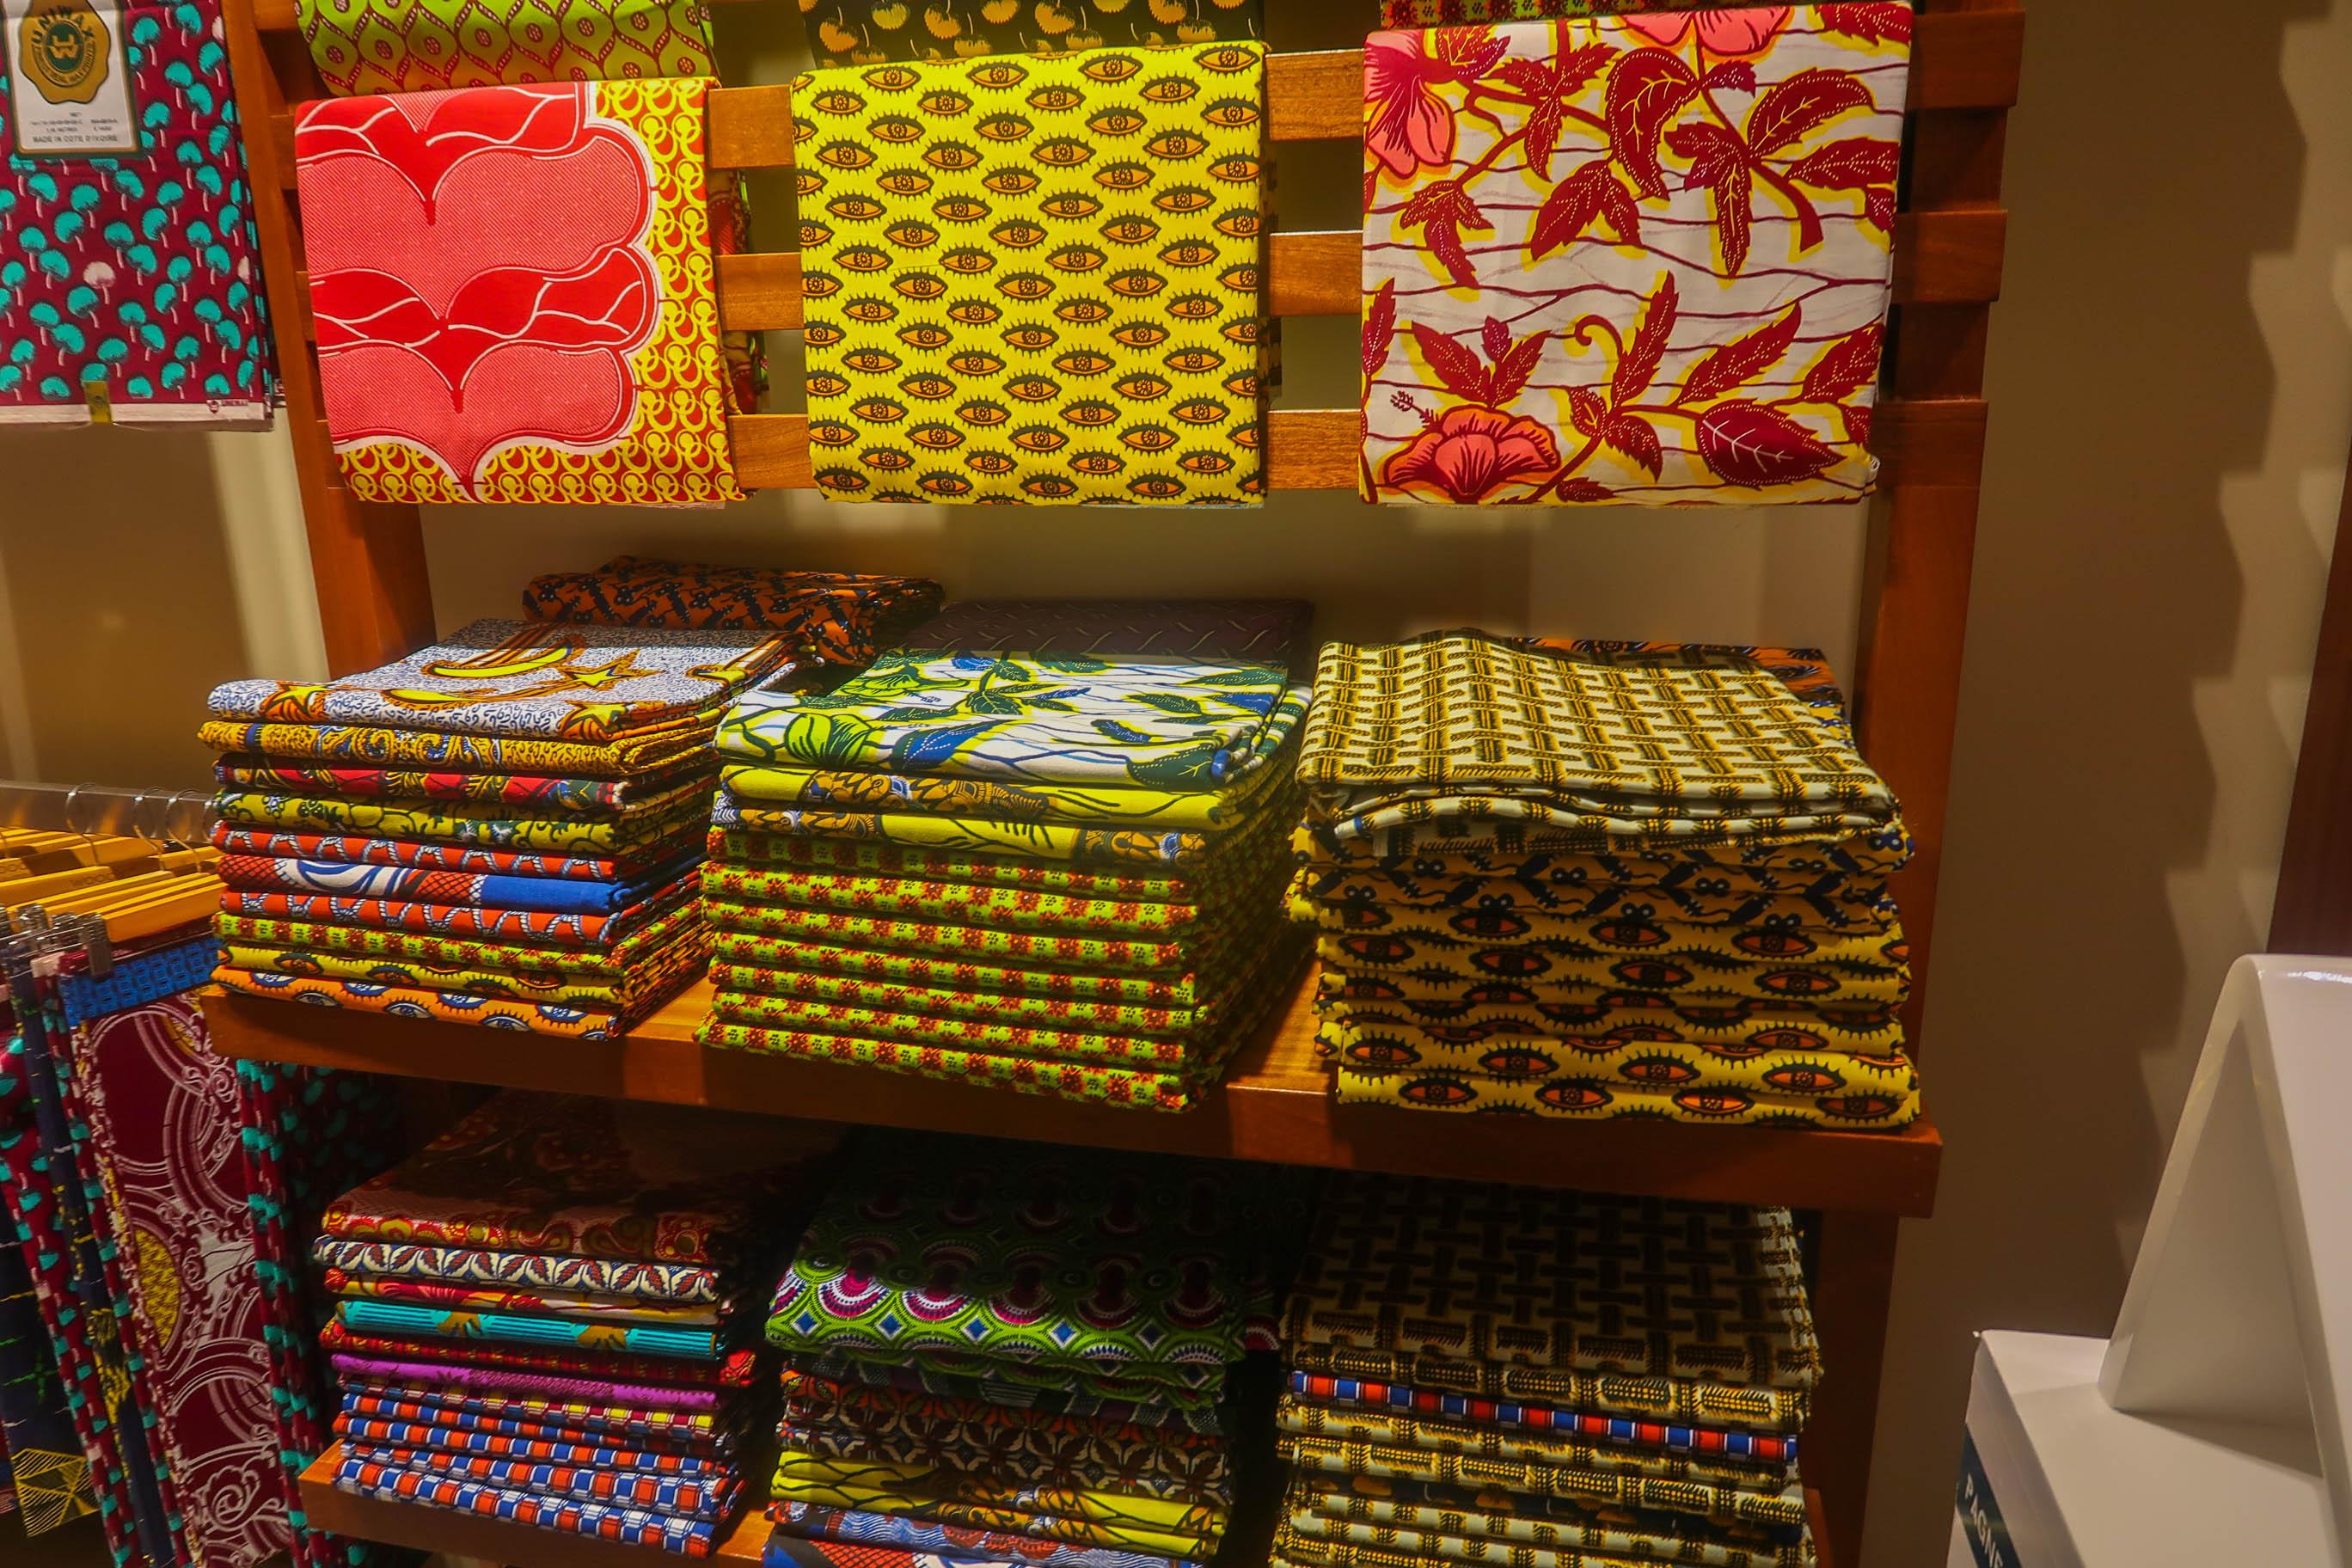 Ankara print fabric Abidjan Ivory Coast